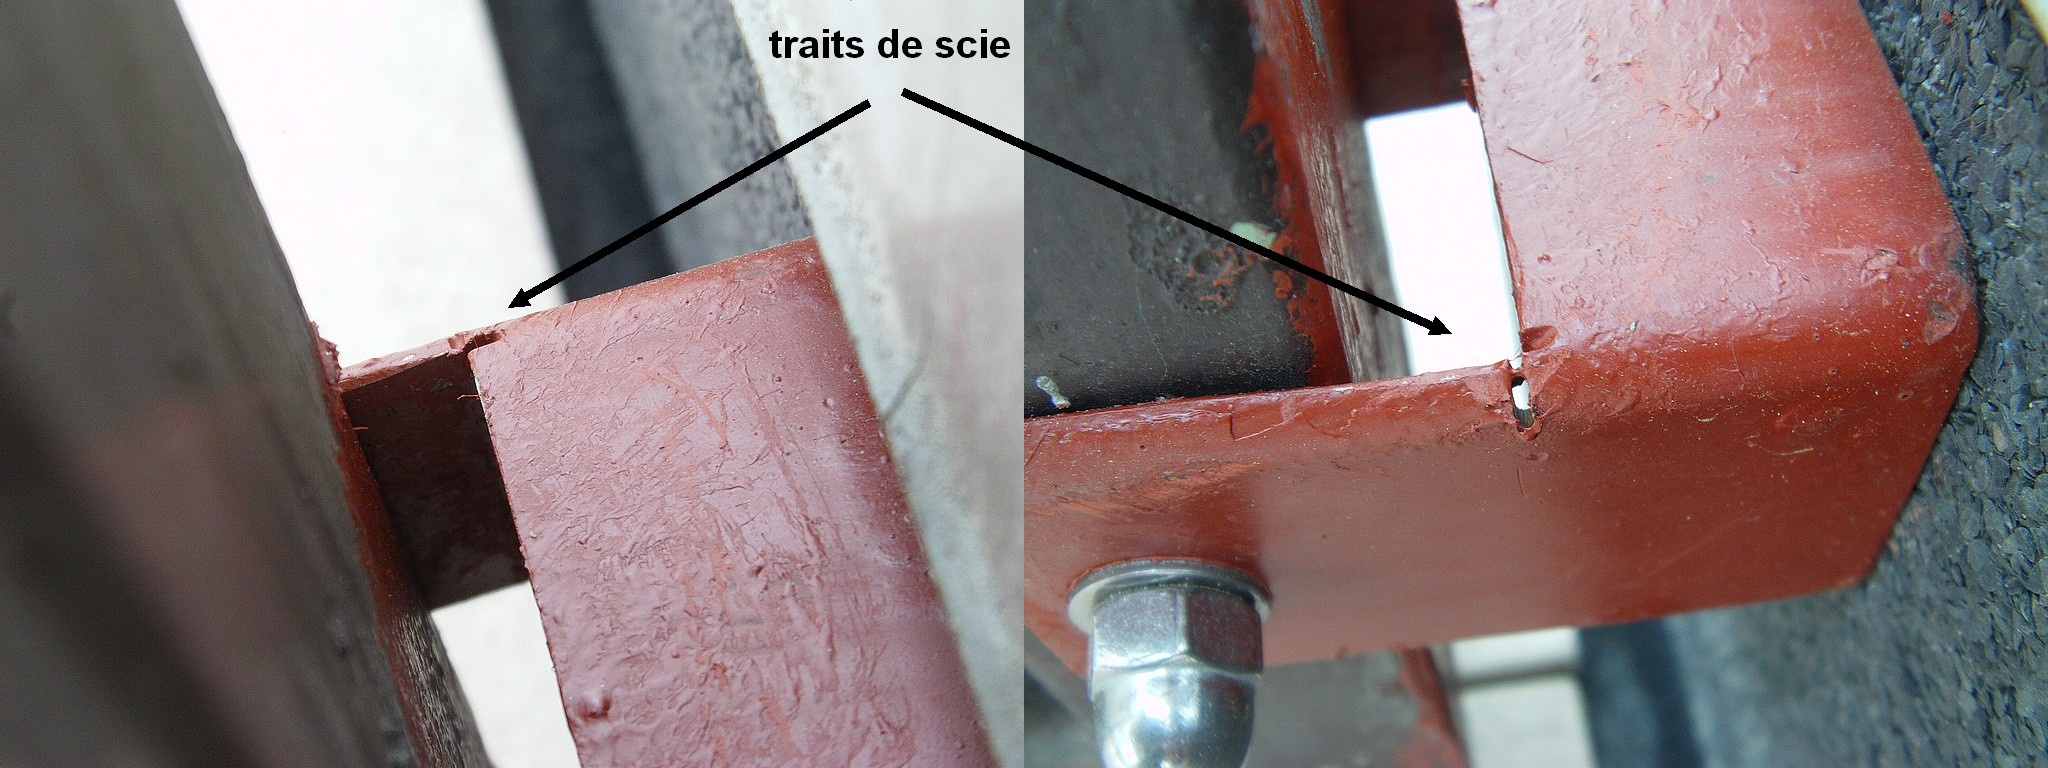 scie-trait-de-scie-montant-separation-280418_(8).jpg